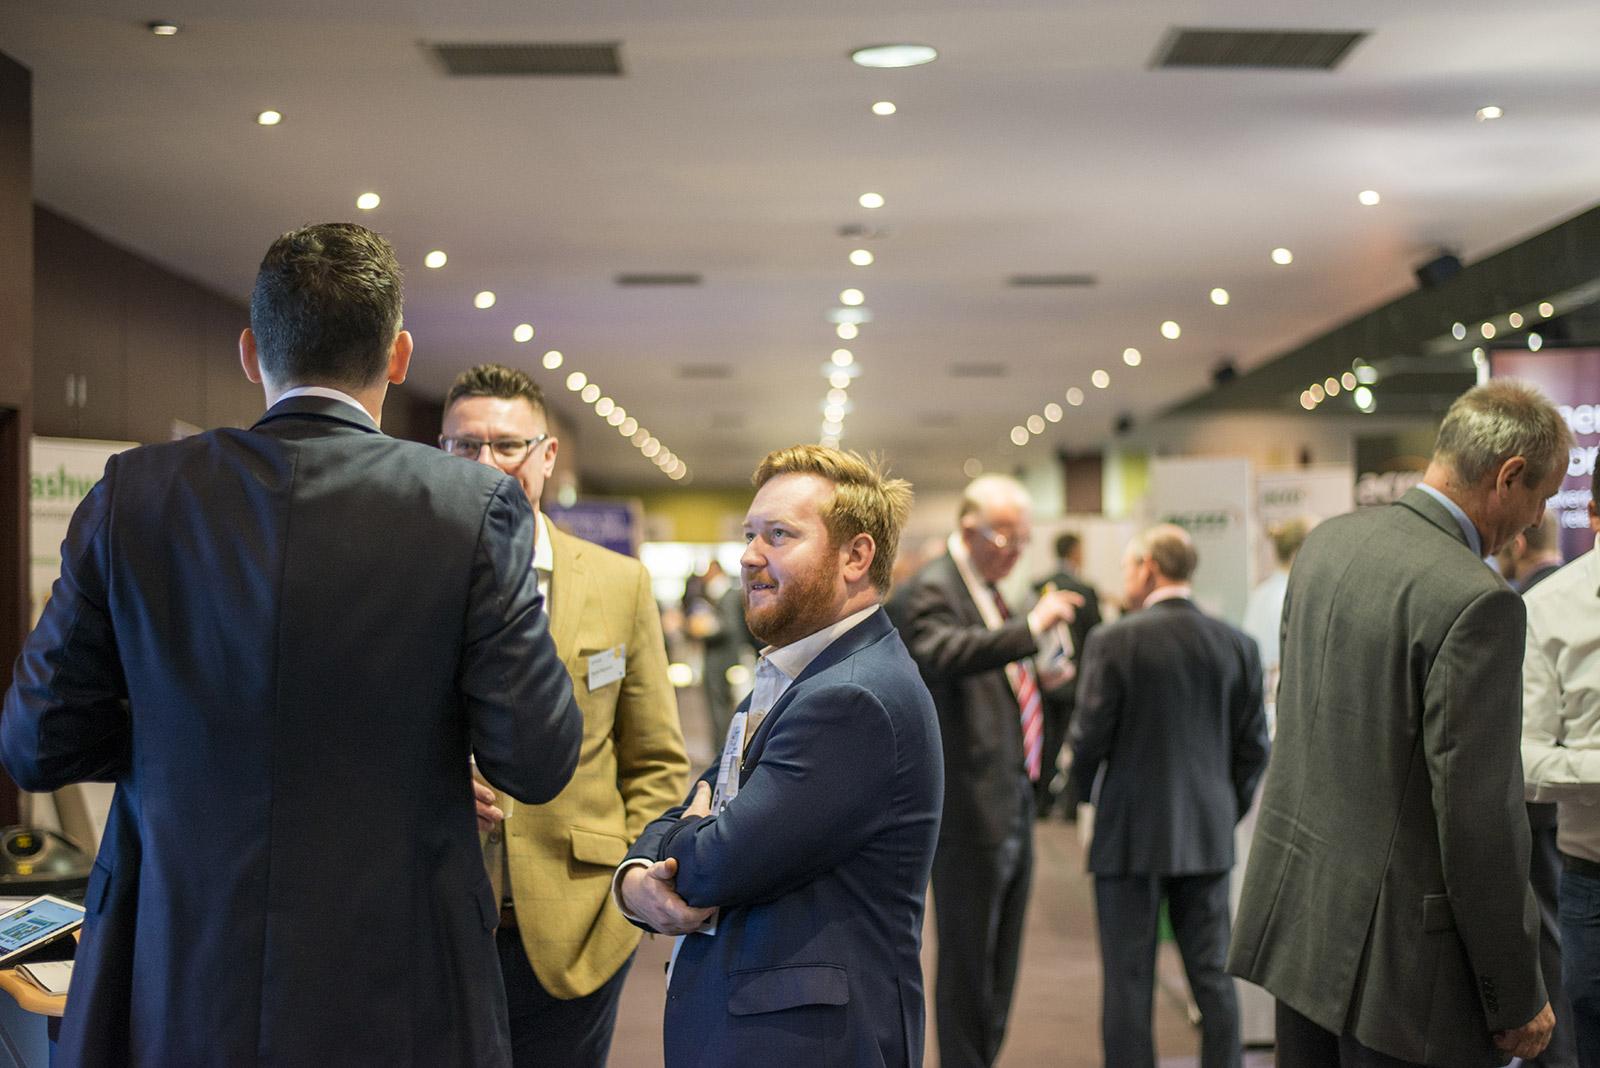 Auditel showcase their 18th Supplier Exhibition